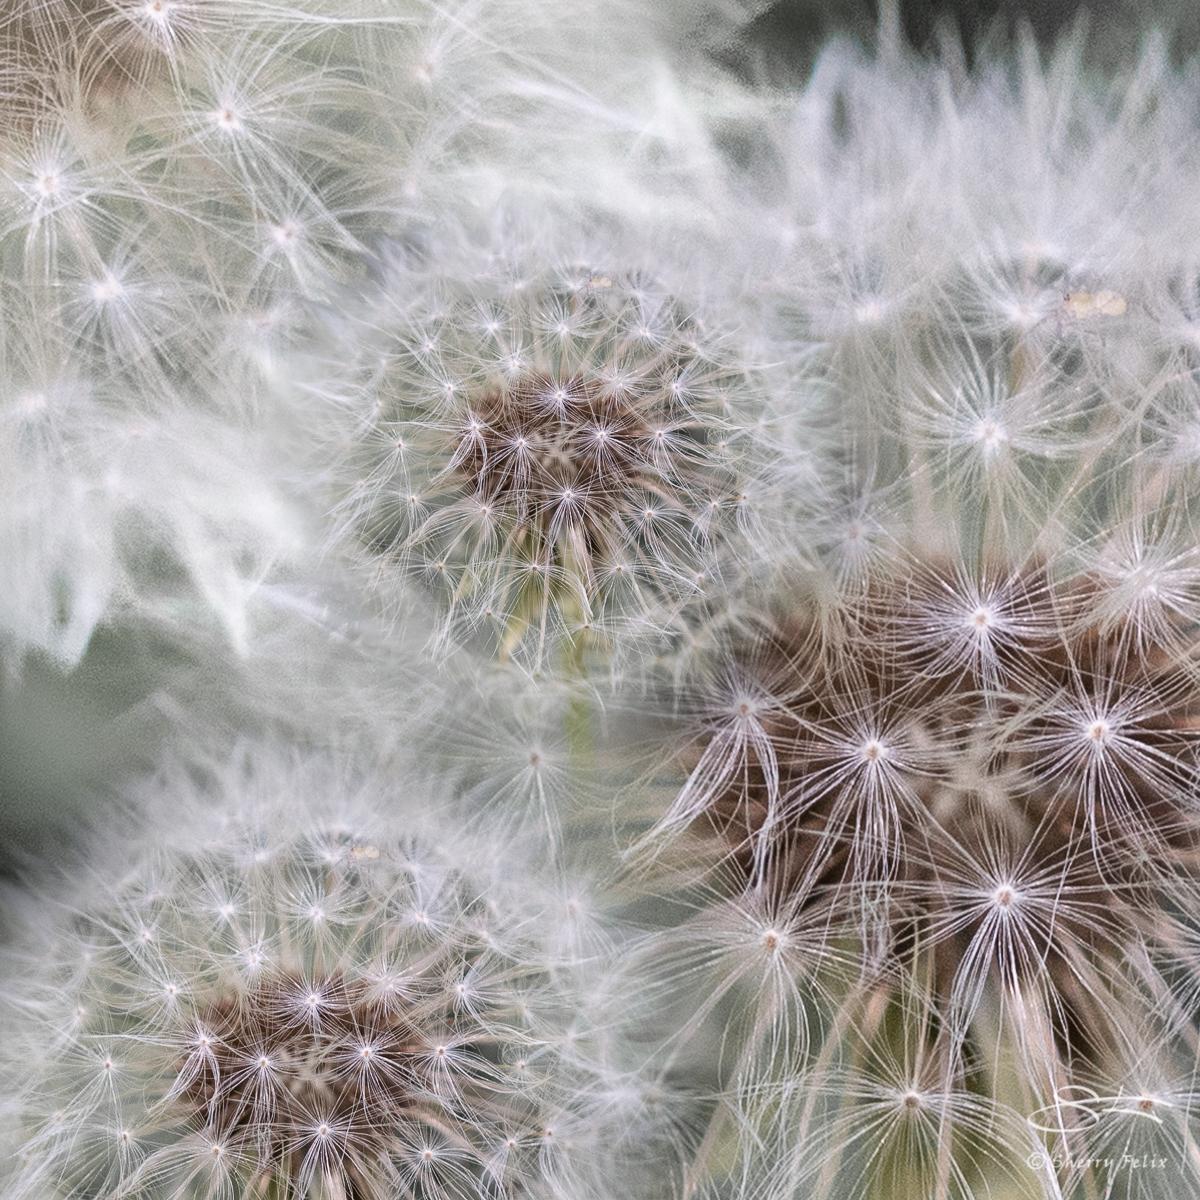 Dandilion composite, Planting Fields Arboretum, LI, NY 6/29/2019